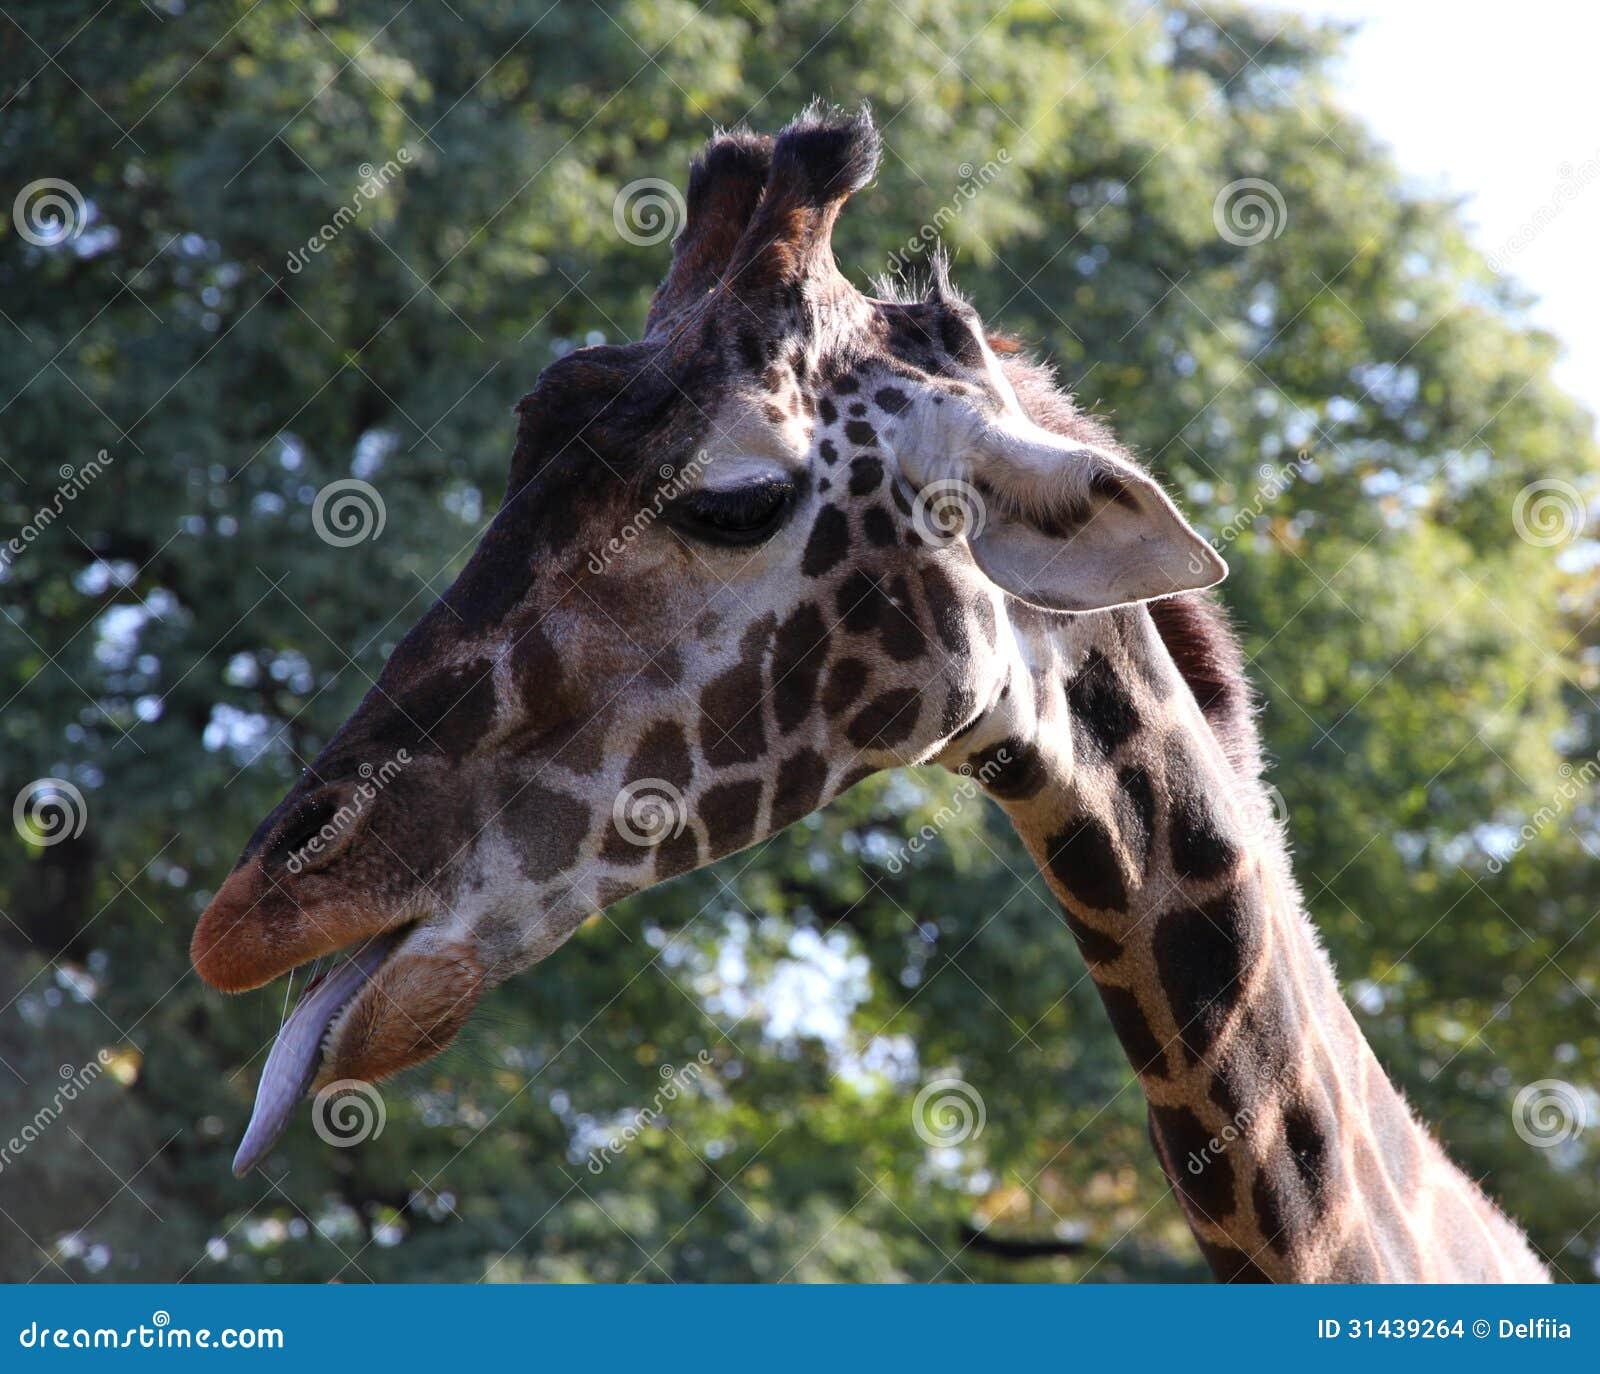 Giraffe Portrait In A ...